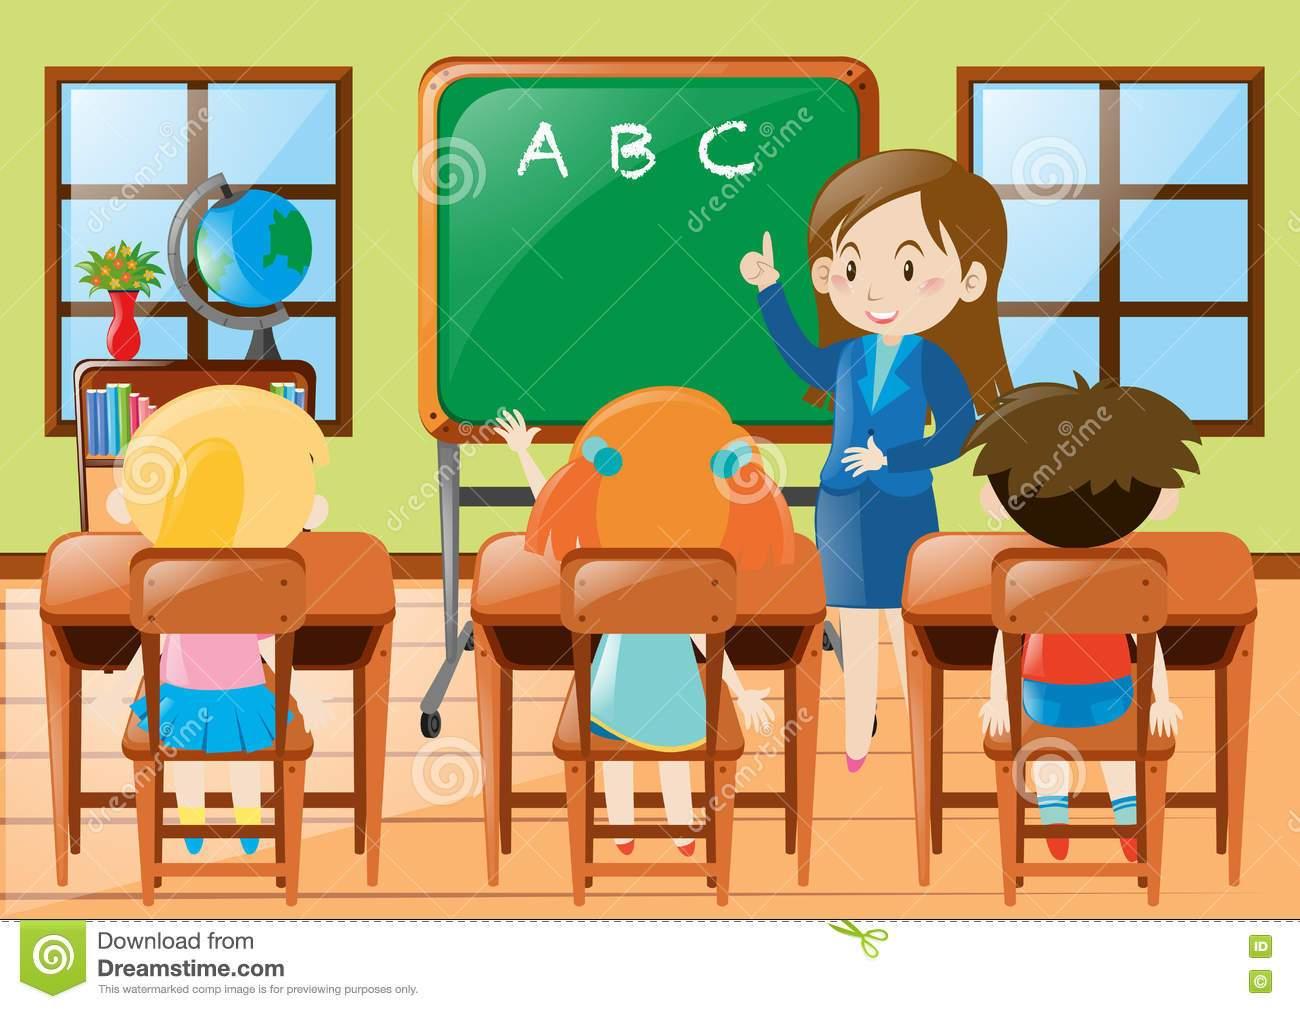 Kindergarten class clipart 8 » Clipart Portal.